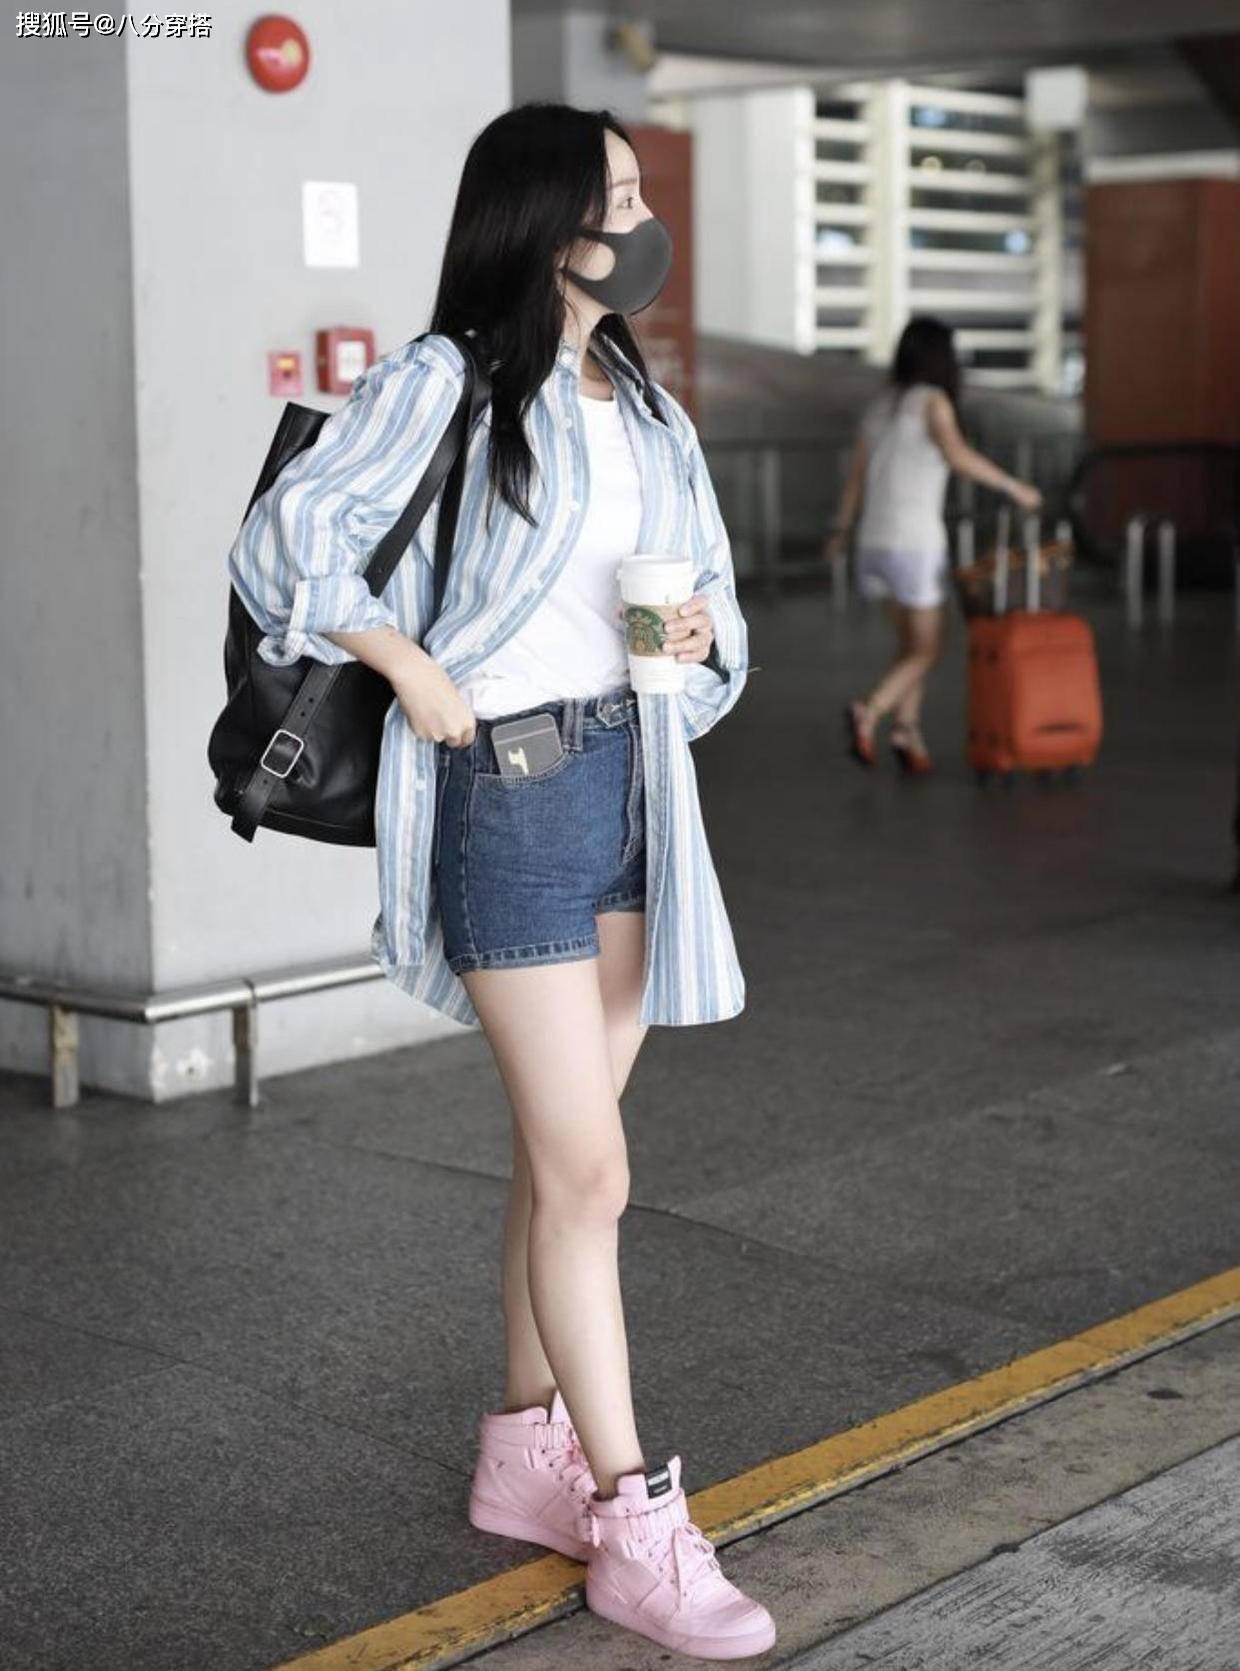 娄艺潇邓家佳一同穿短裤,网友:这就是清纯和轻浮的差距_新浪看点